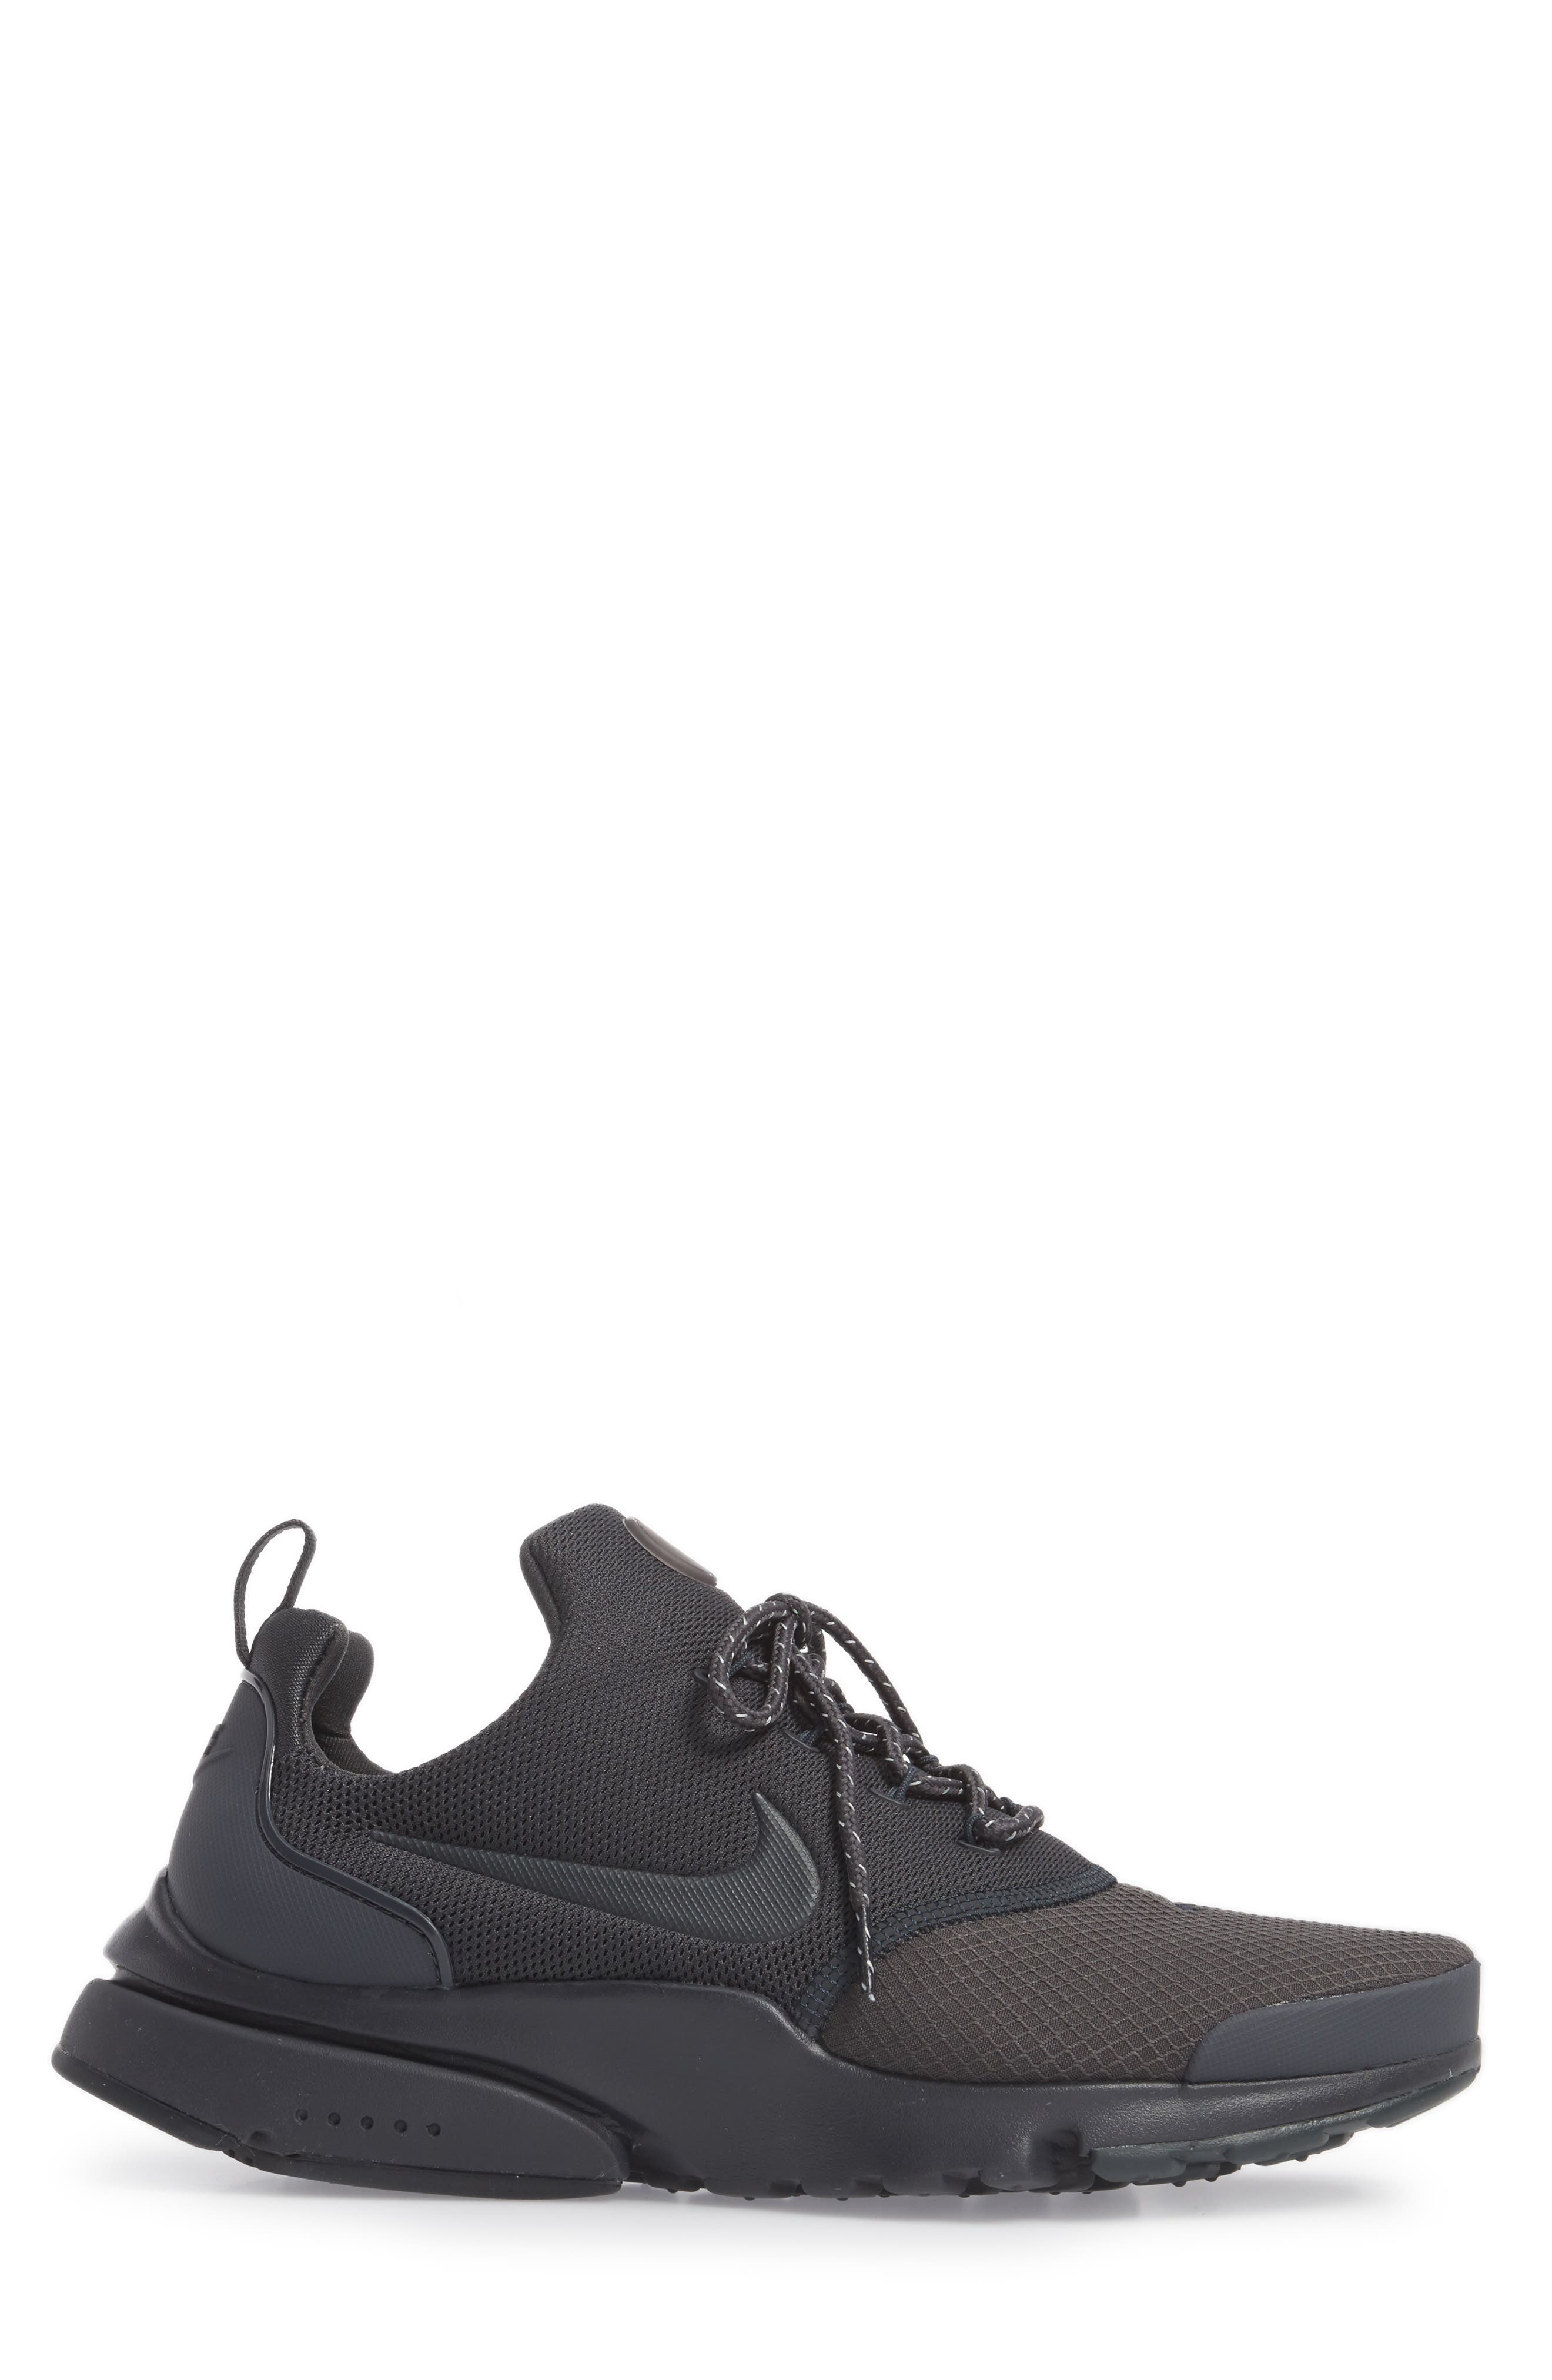 Presto Fly SE Sneaker,                             Alternate thumbnail 7, color,